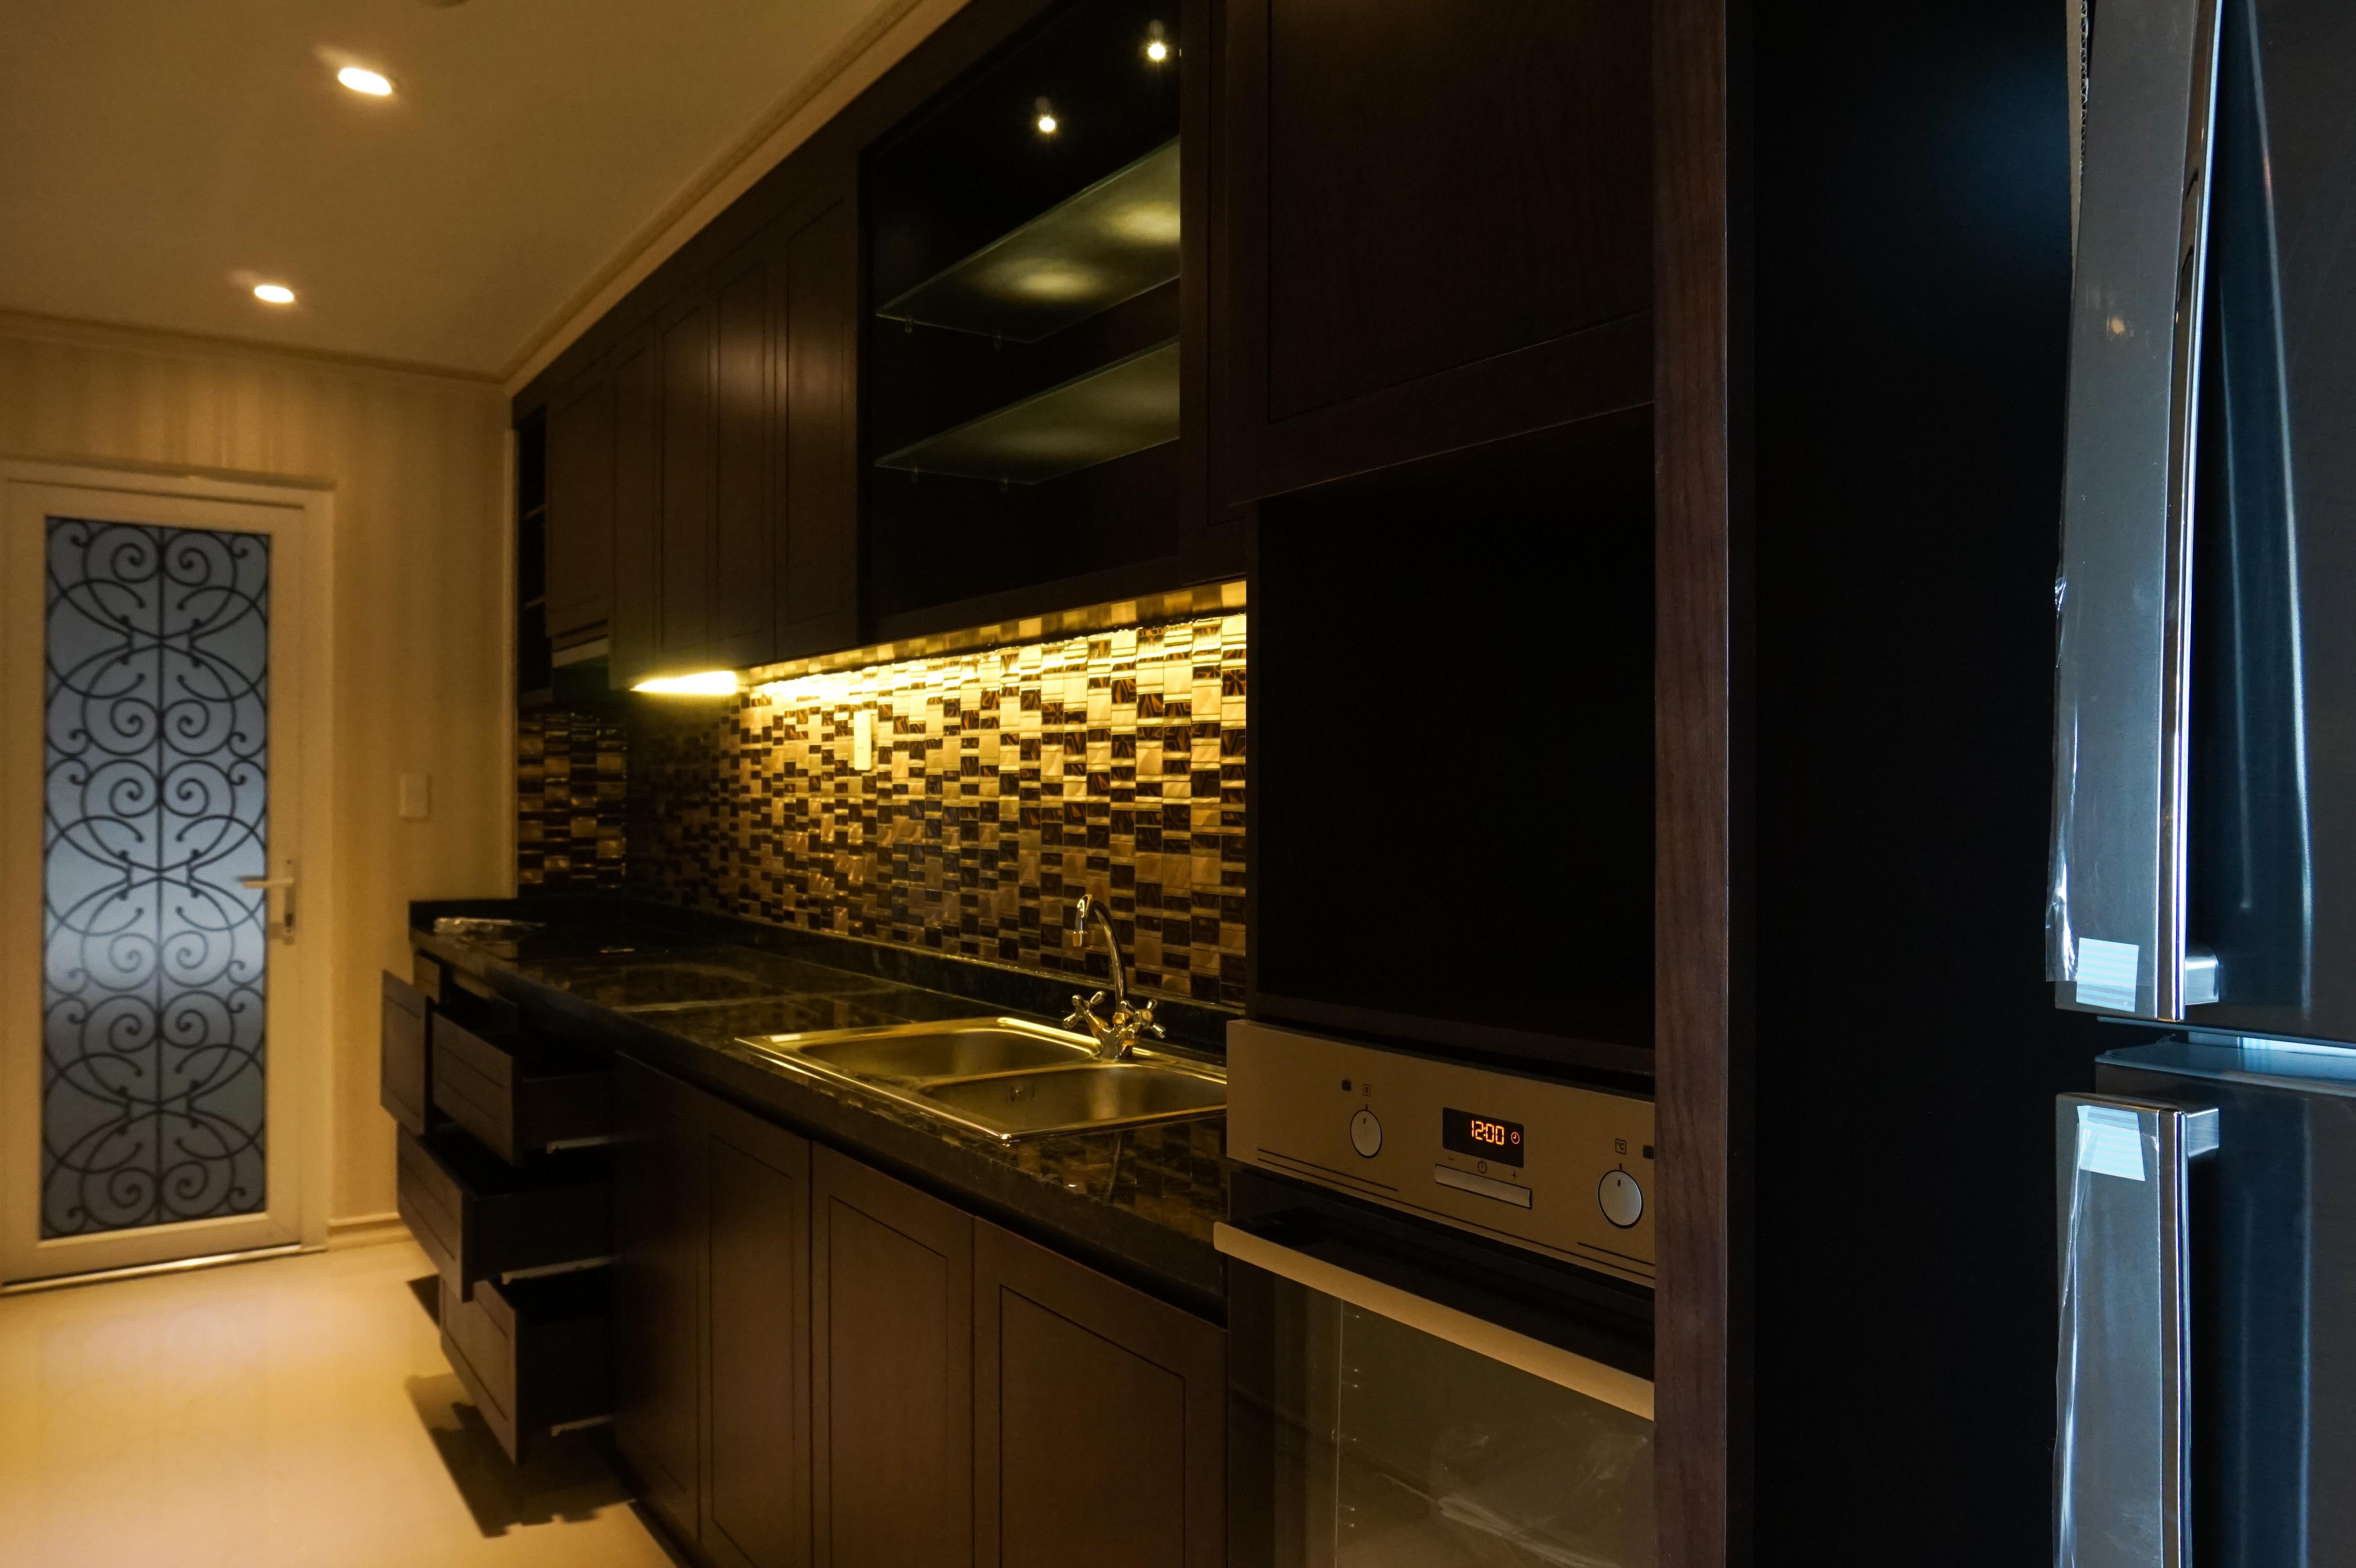 Căn hộ 2 PN Léman Luxury - Đầy Đủ Nội Thất - Căn Hộ Duyên Dáng Và Đầy Đủ Tiện Nghi-8